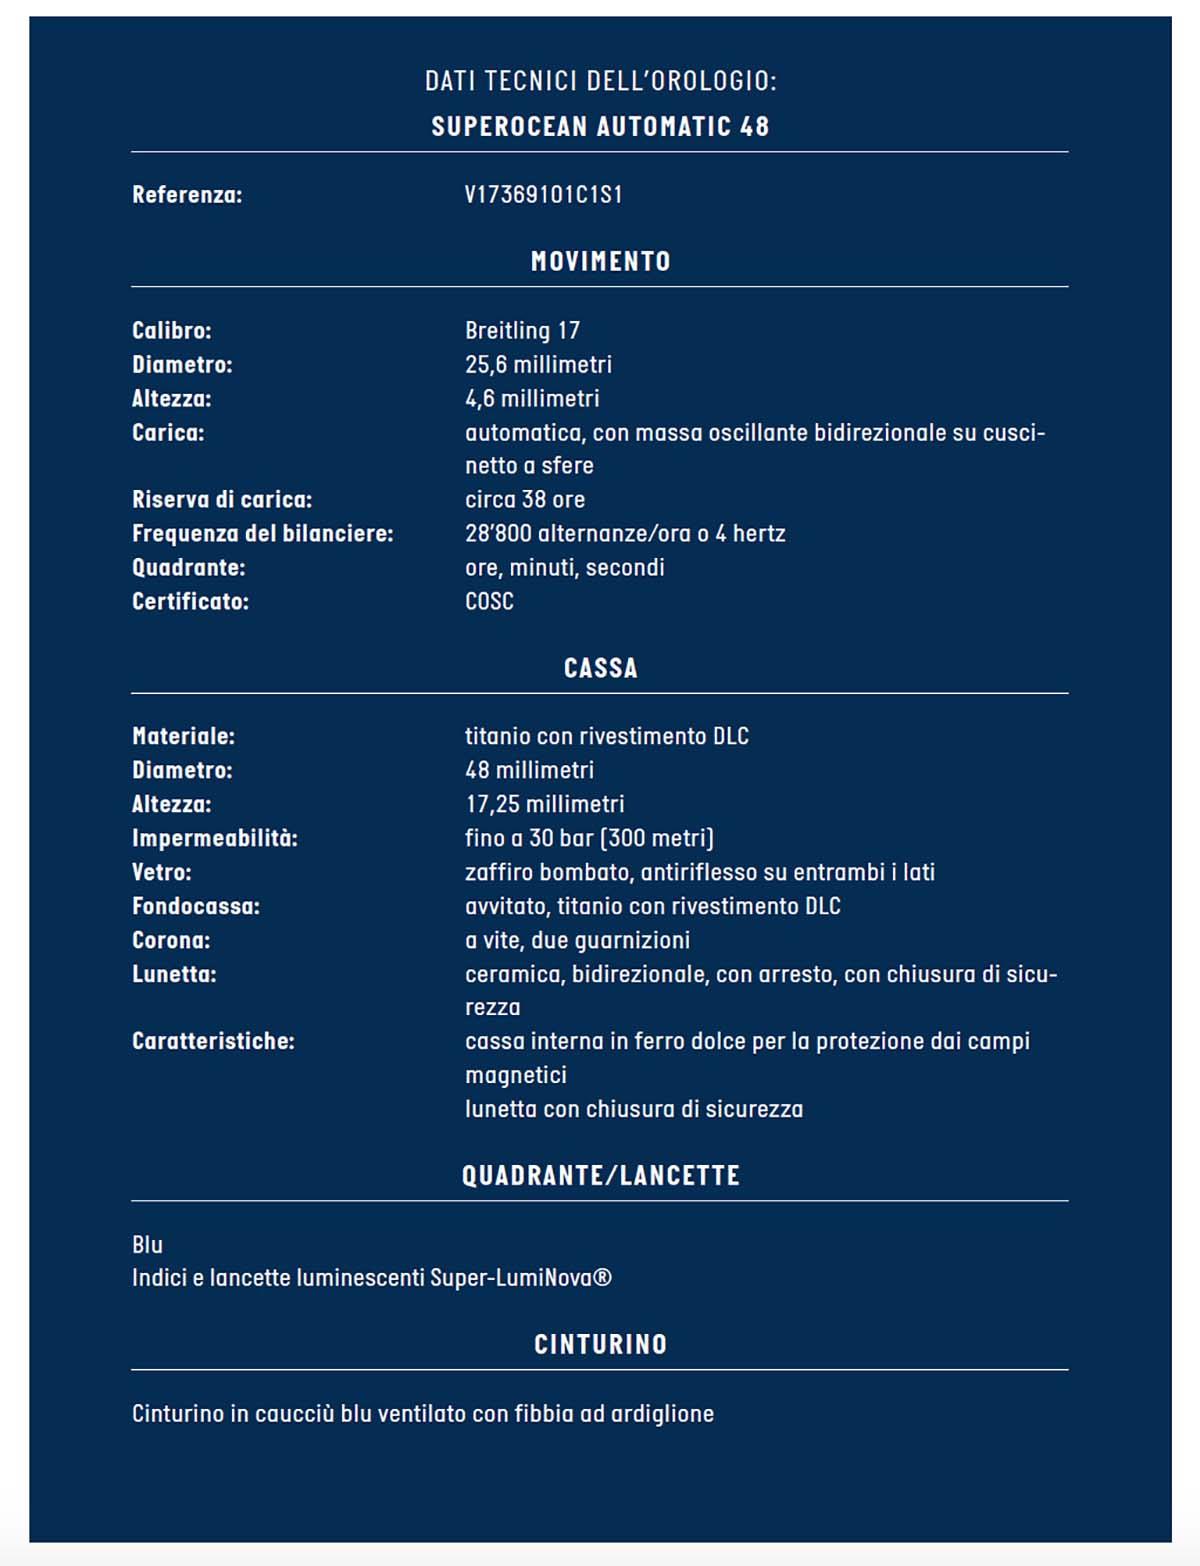 La scheda tecnica del Breitling Superocean 48